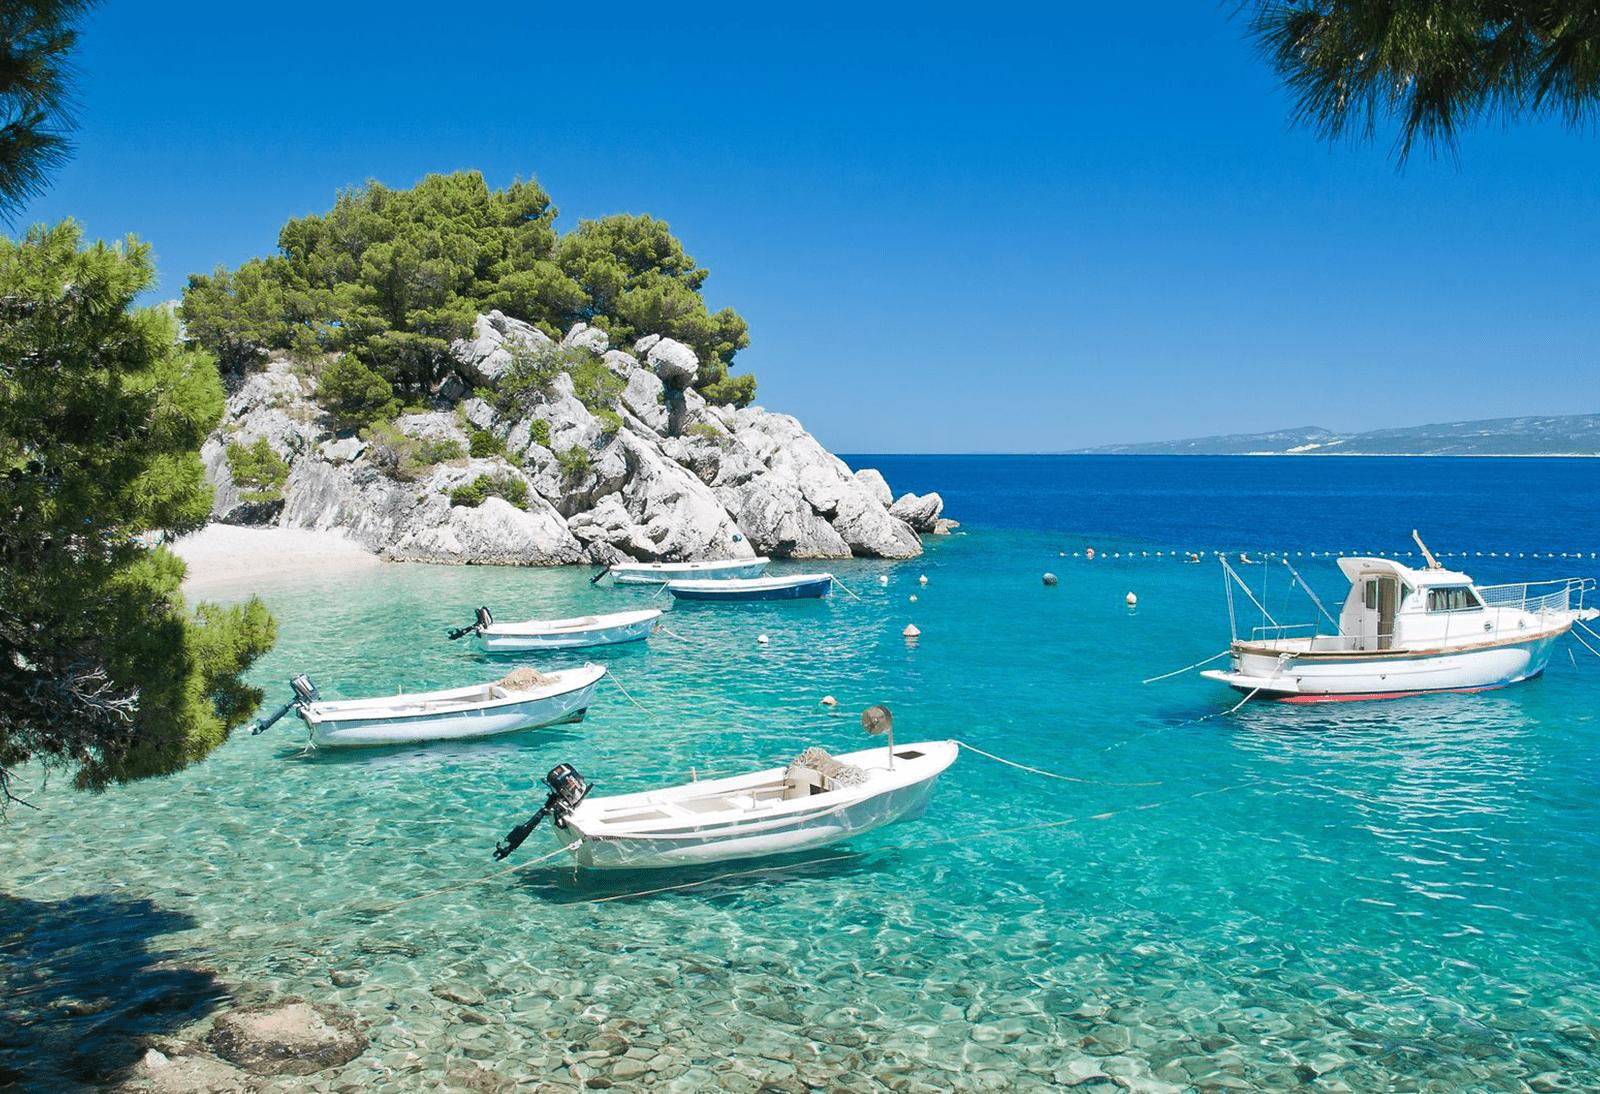 Síp nổi tiếng với những vịnh biển tuyệt đẹp.